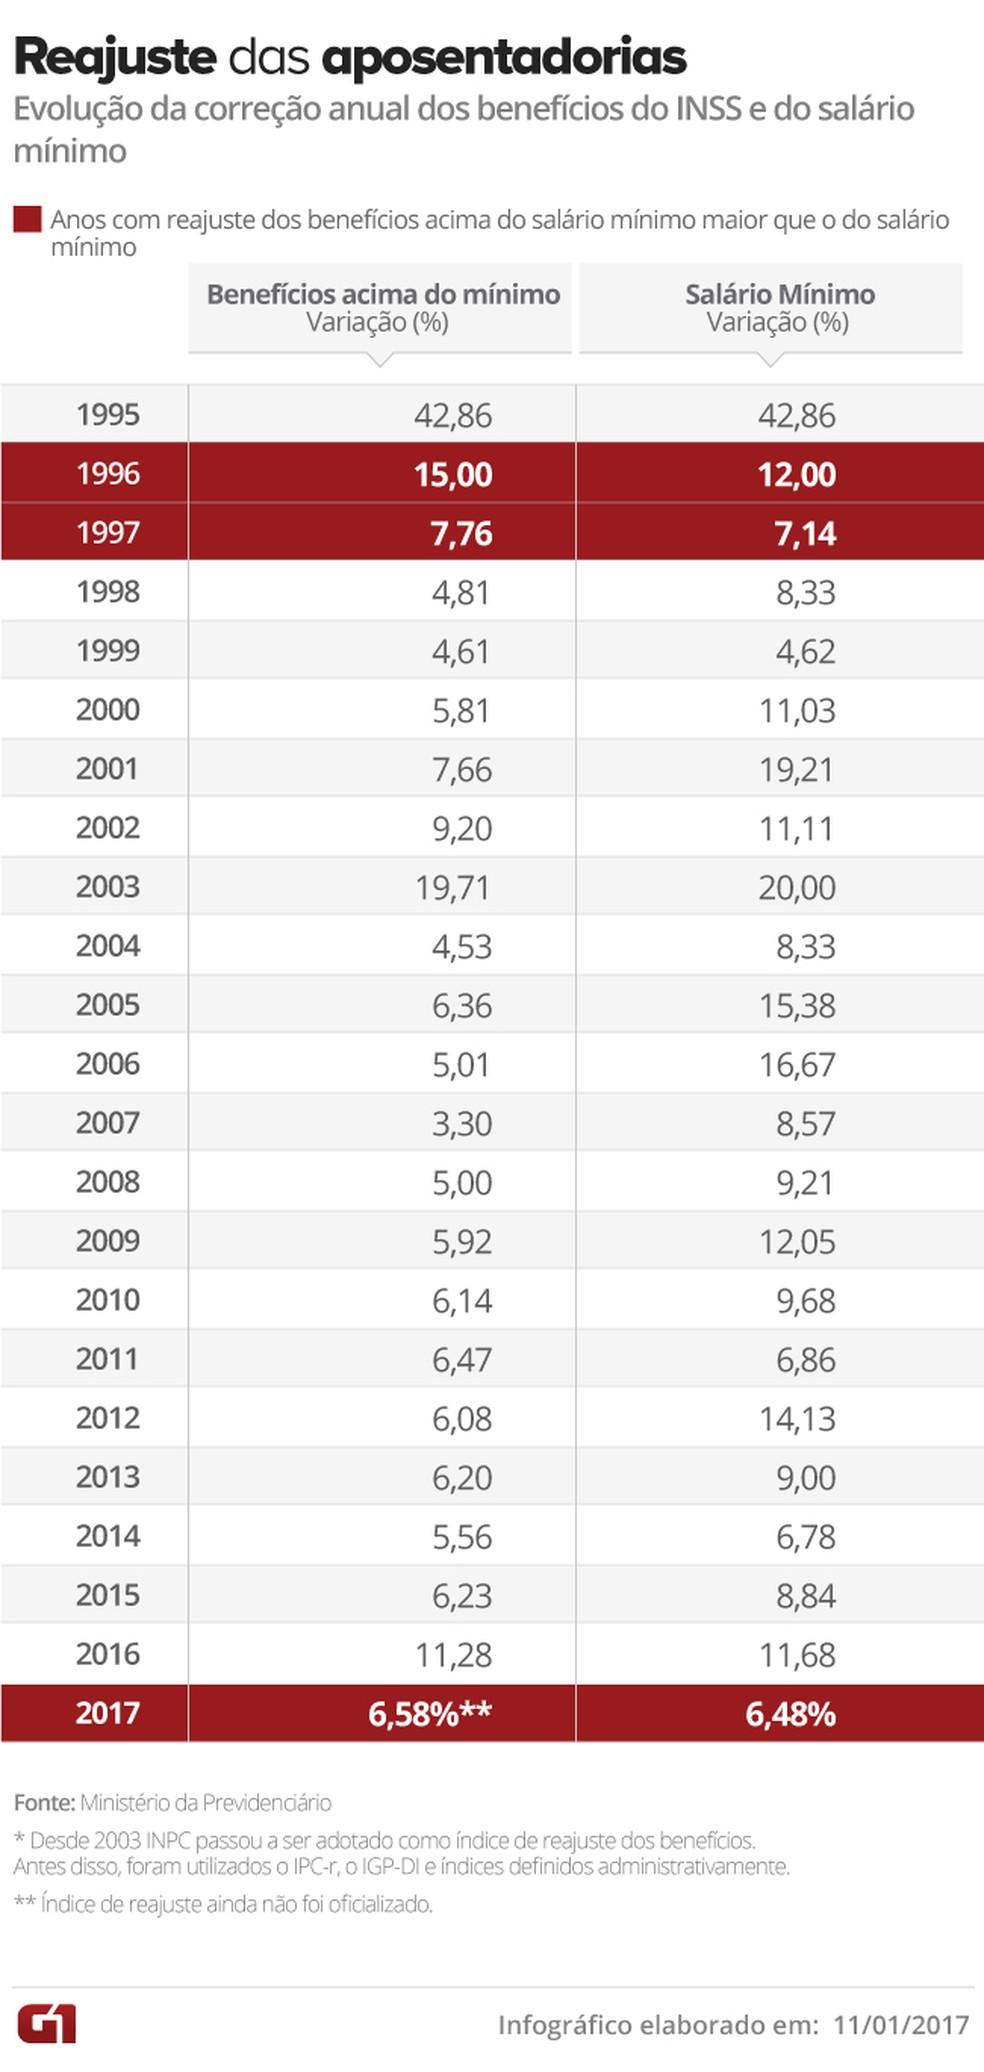 tabela reajuste <a class='classtermo' href='http://www.contabeis.com.br/termos-contabeis/inss'>INSS</a> (Foto: Arte G1)